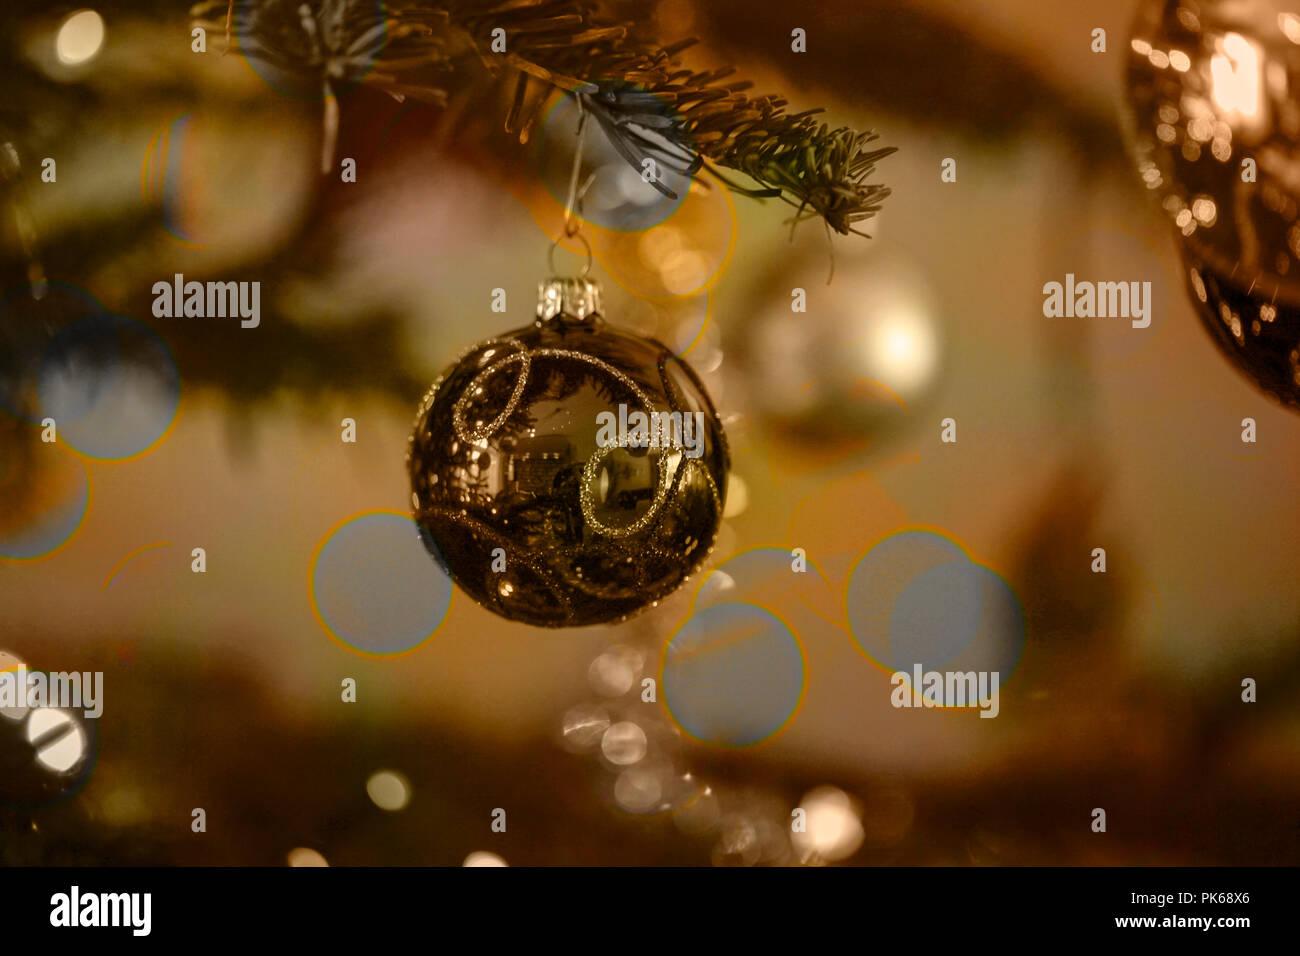 Urlaub Hintergrund mit Weihnachtskugel, Baum und Leuchten Stockfoto ...